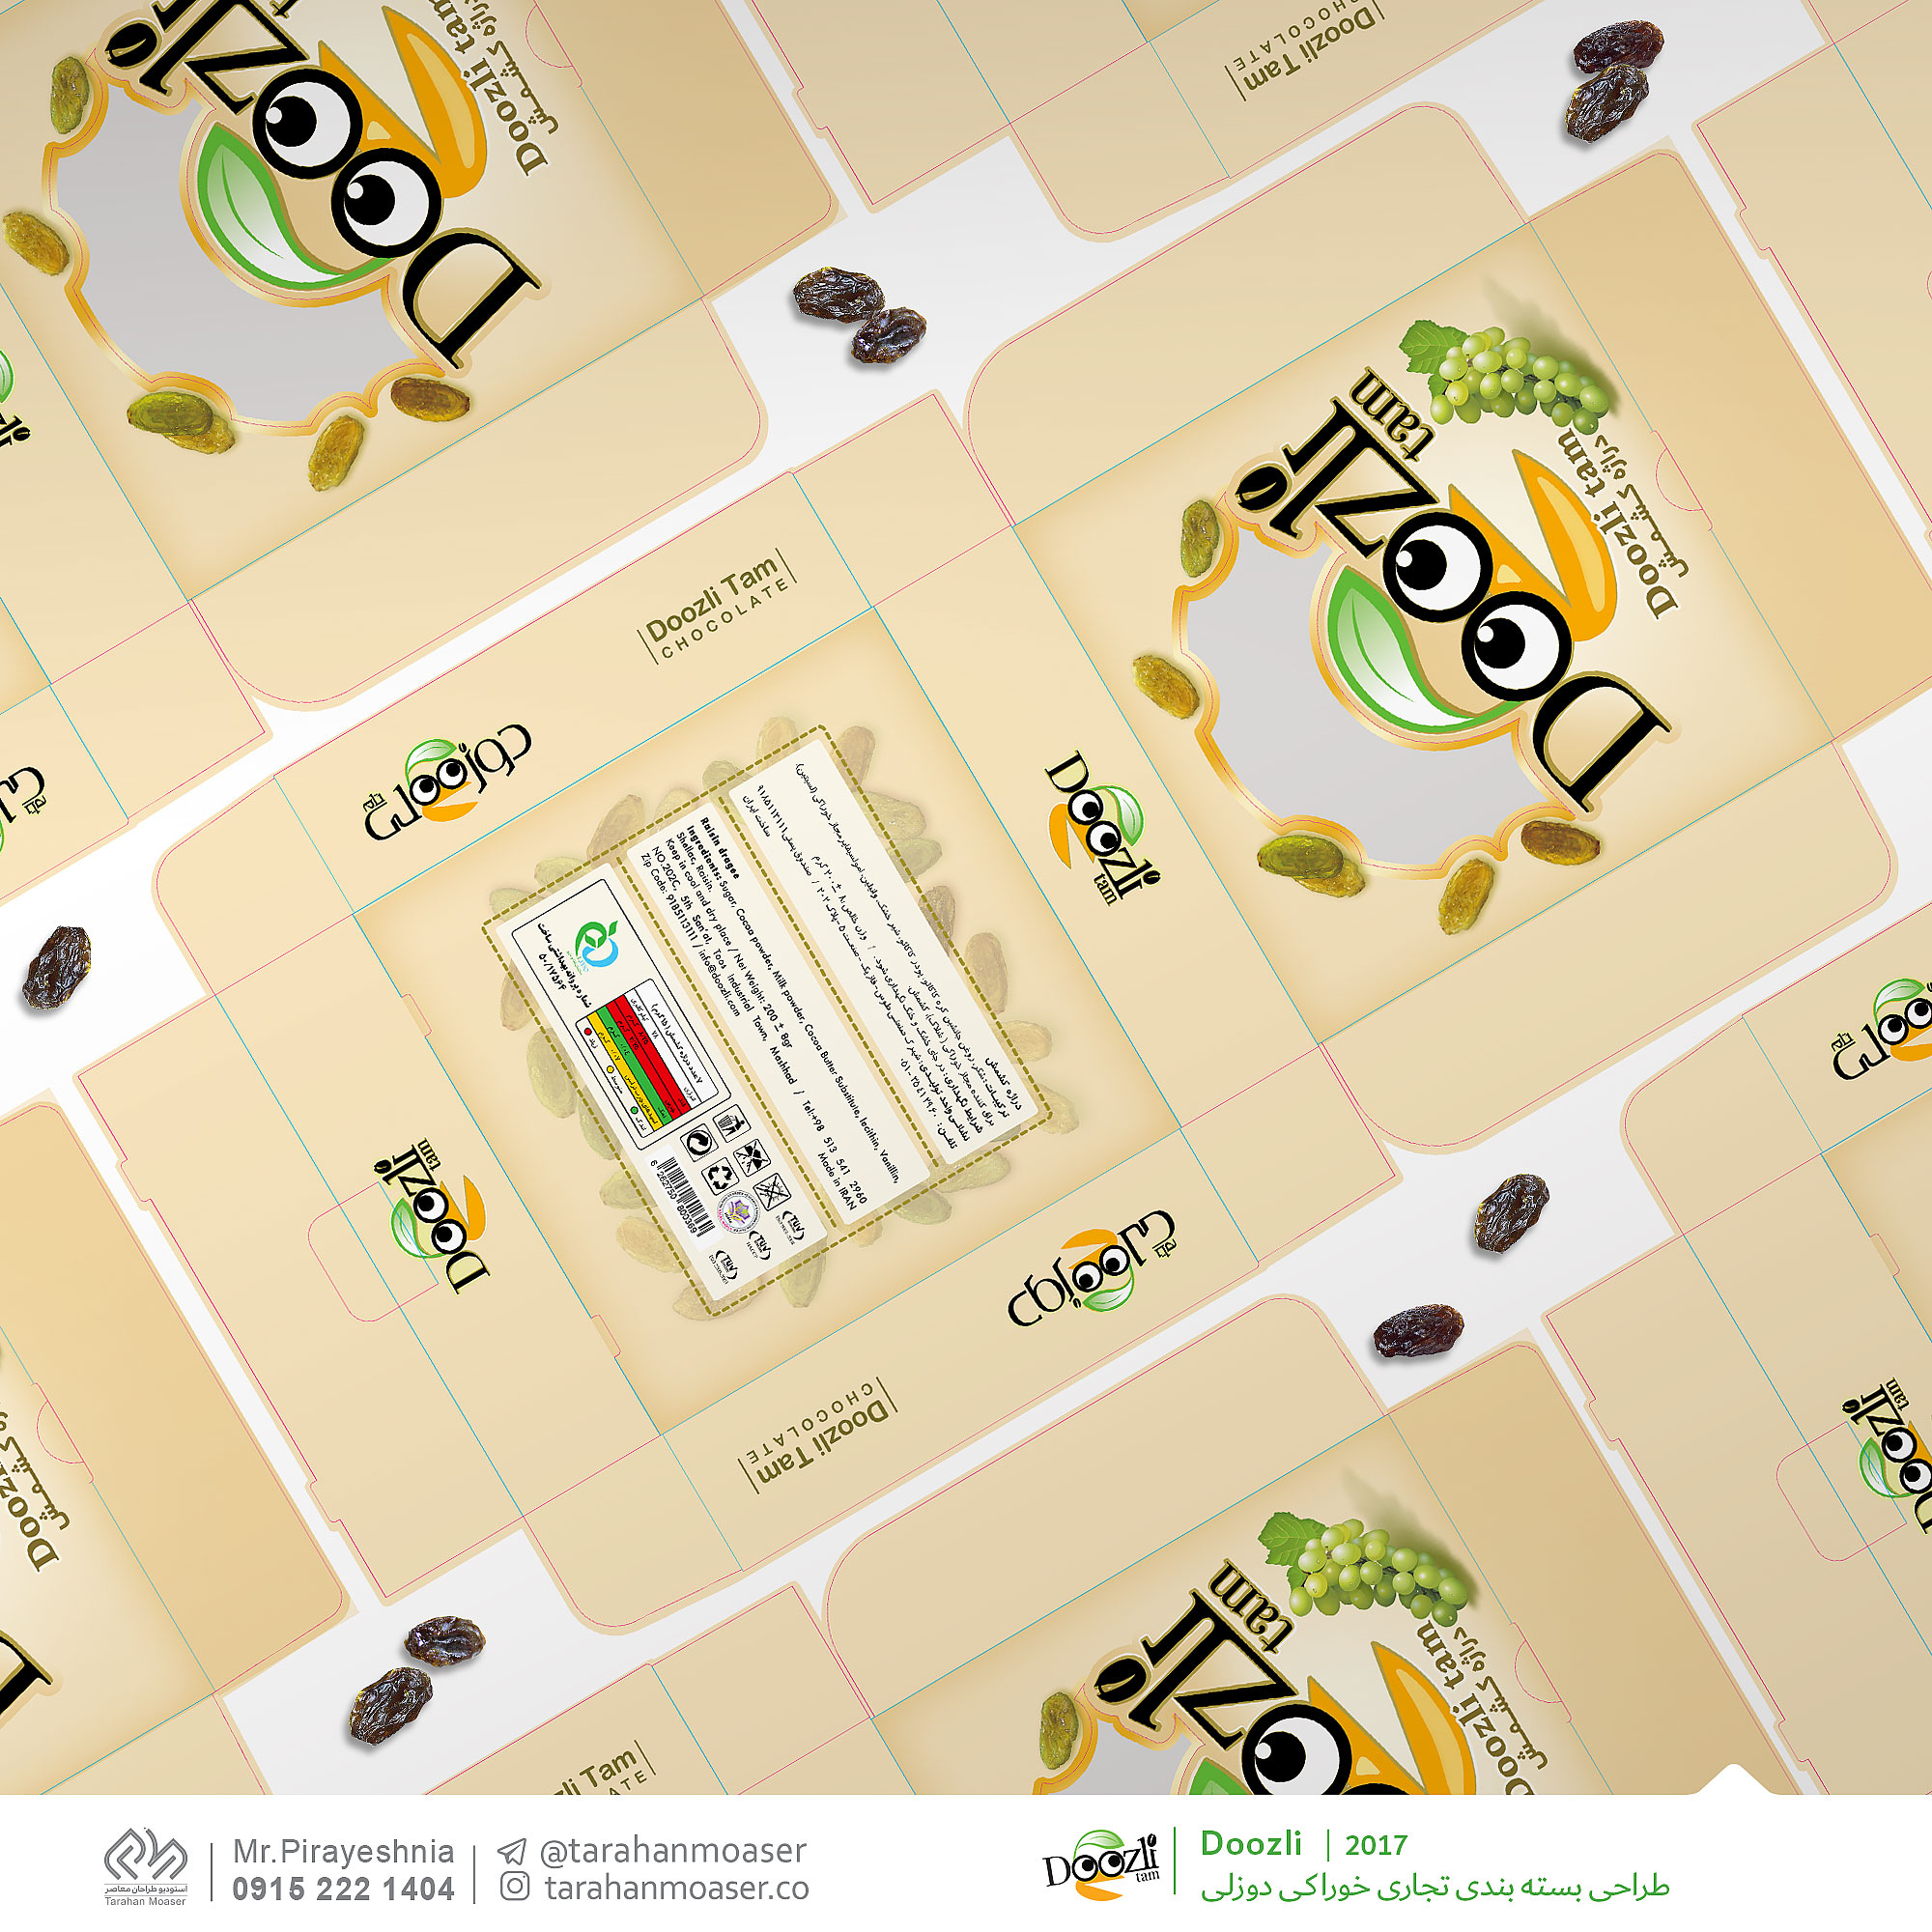 نمونه پروژه های طراحی گرافیک تجاری